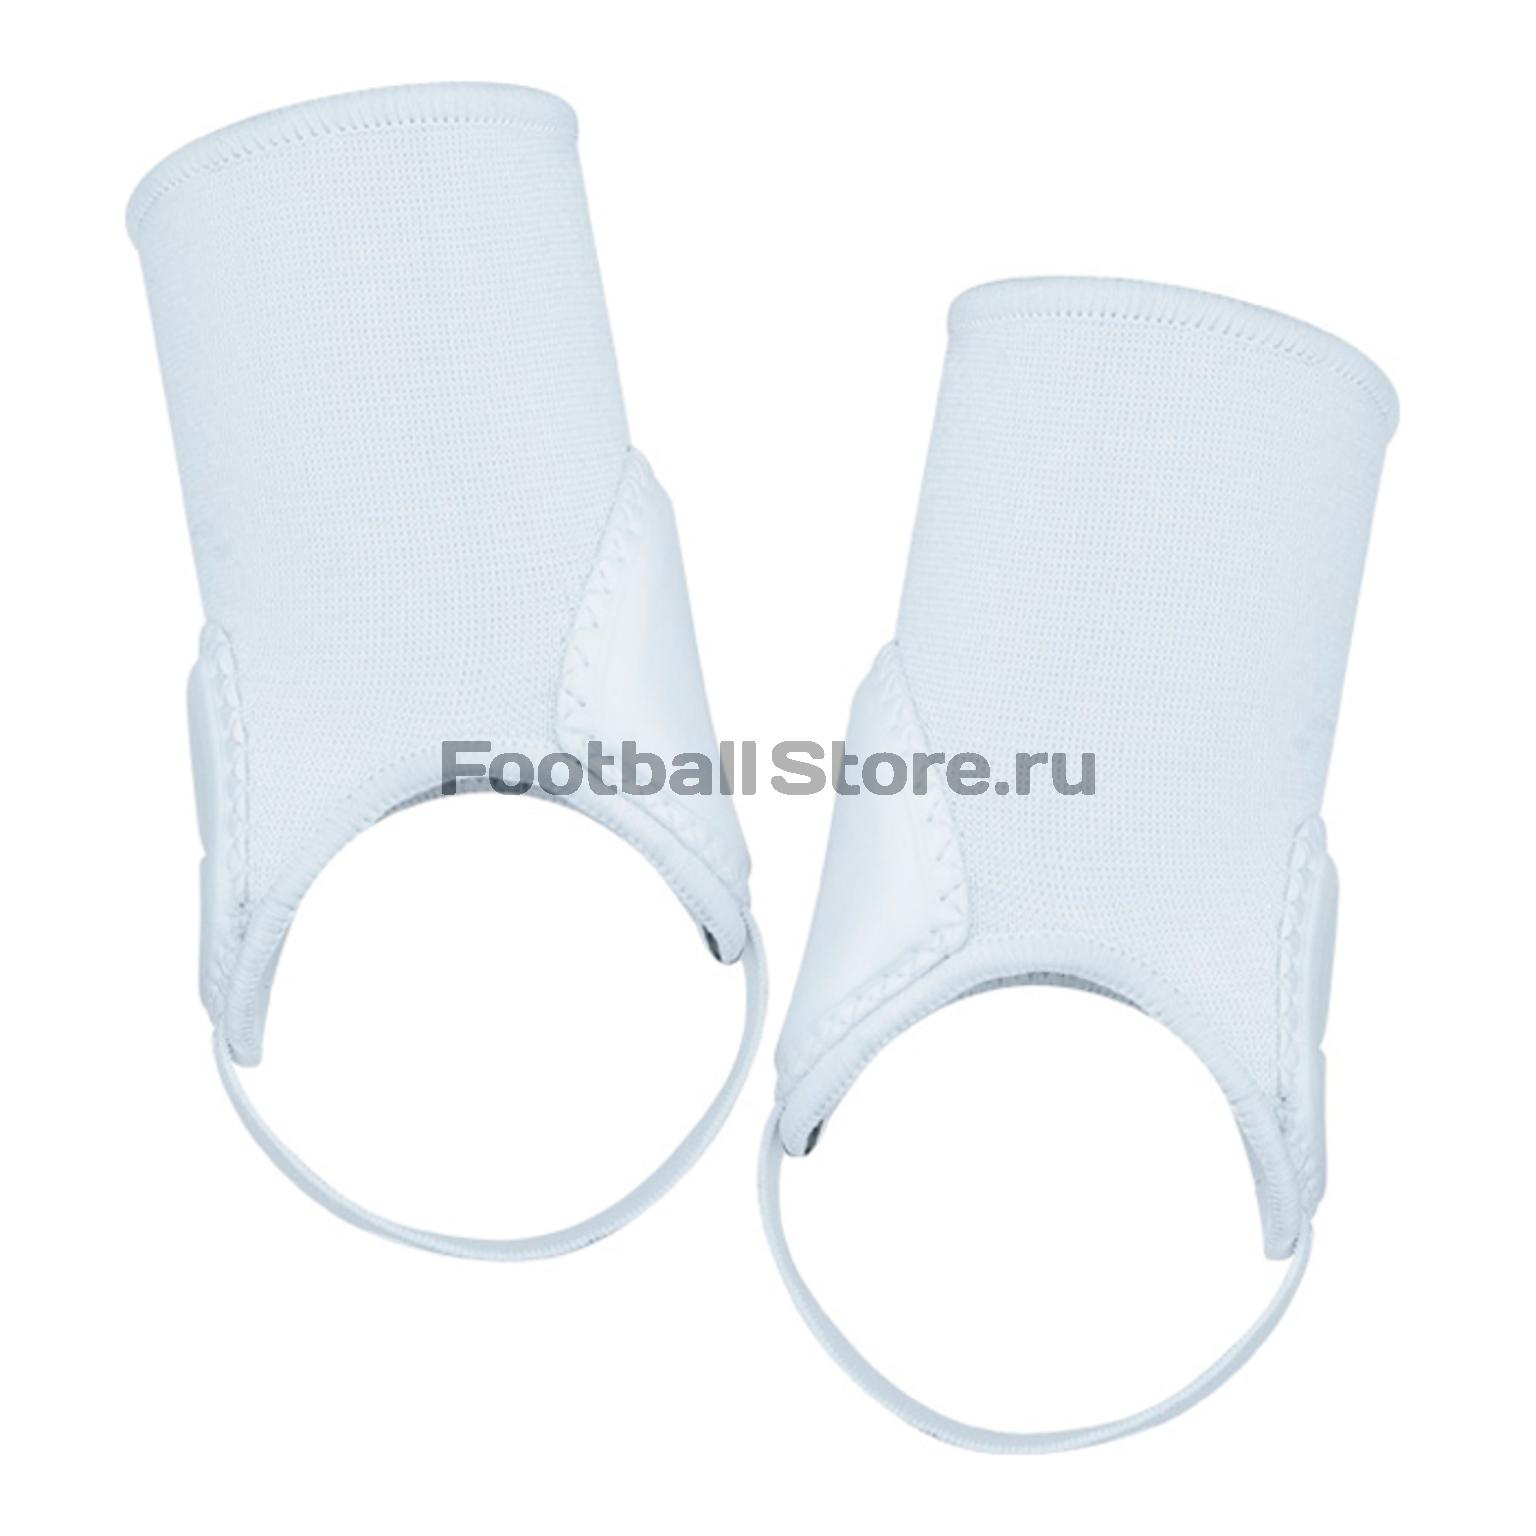 Защита ног Nike голеностоп для щитков Nike ankle shield